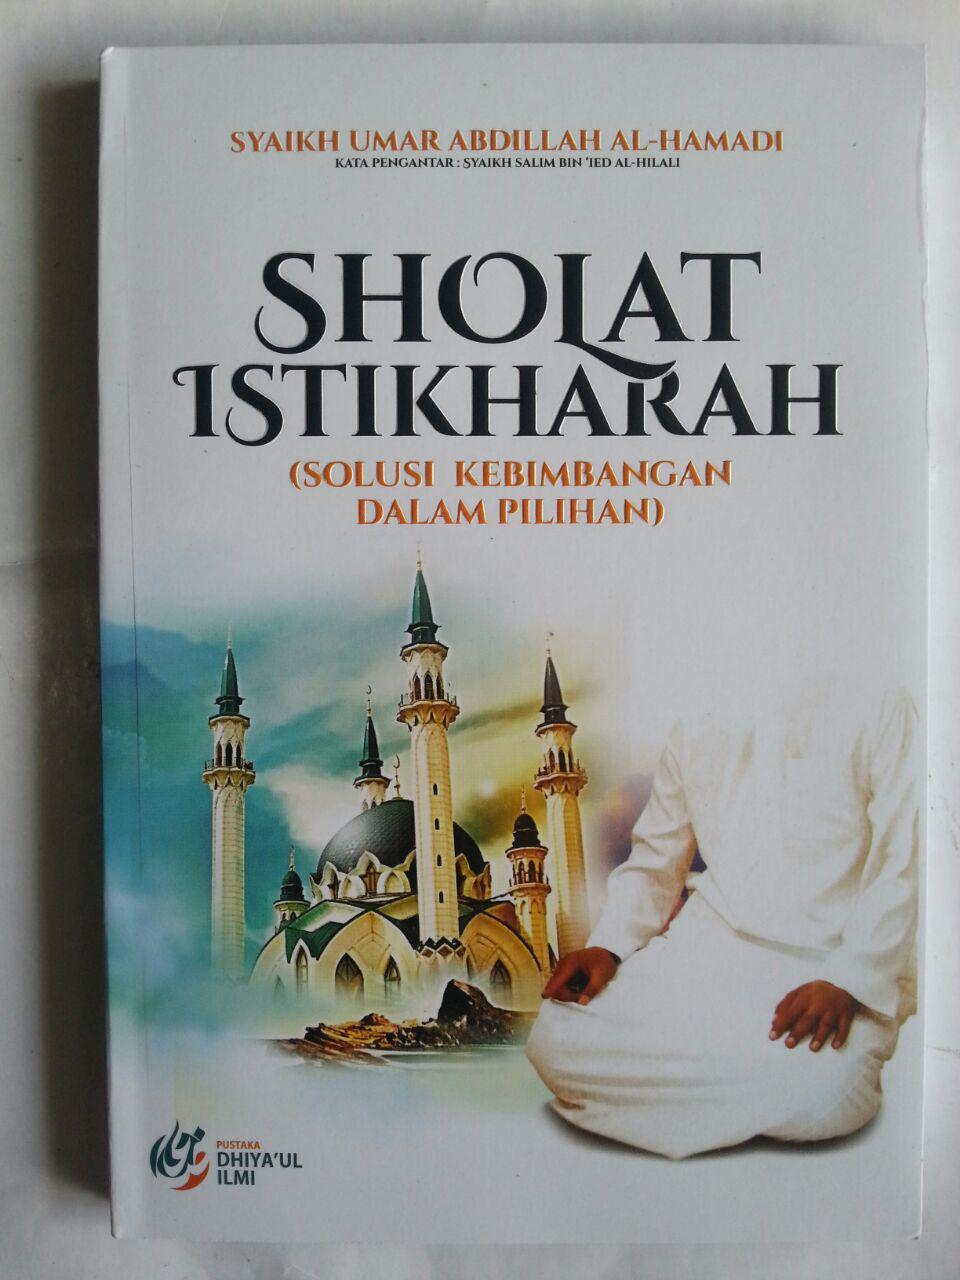 Buku Shalat Istikharah Solusi Kebimbangan Dalam Pilihan cover 2